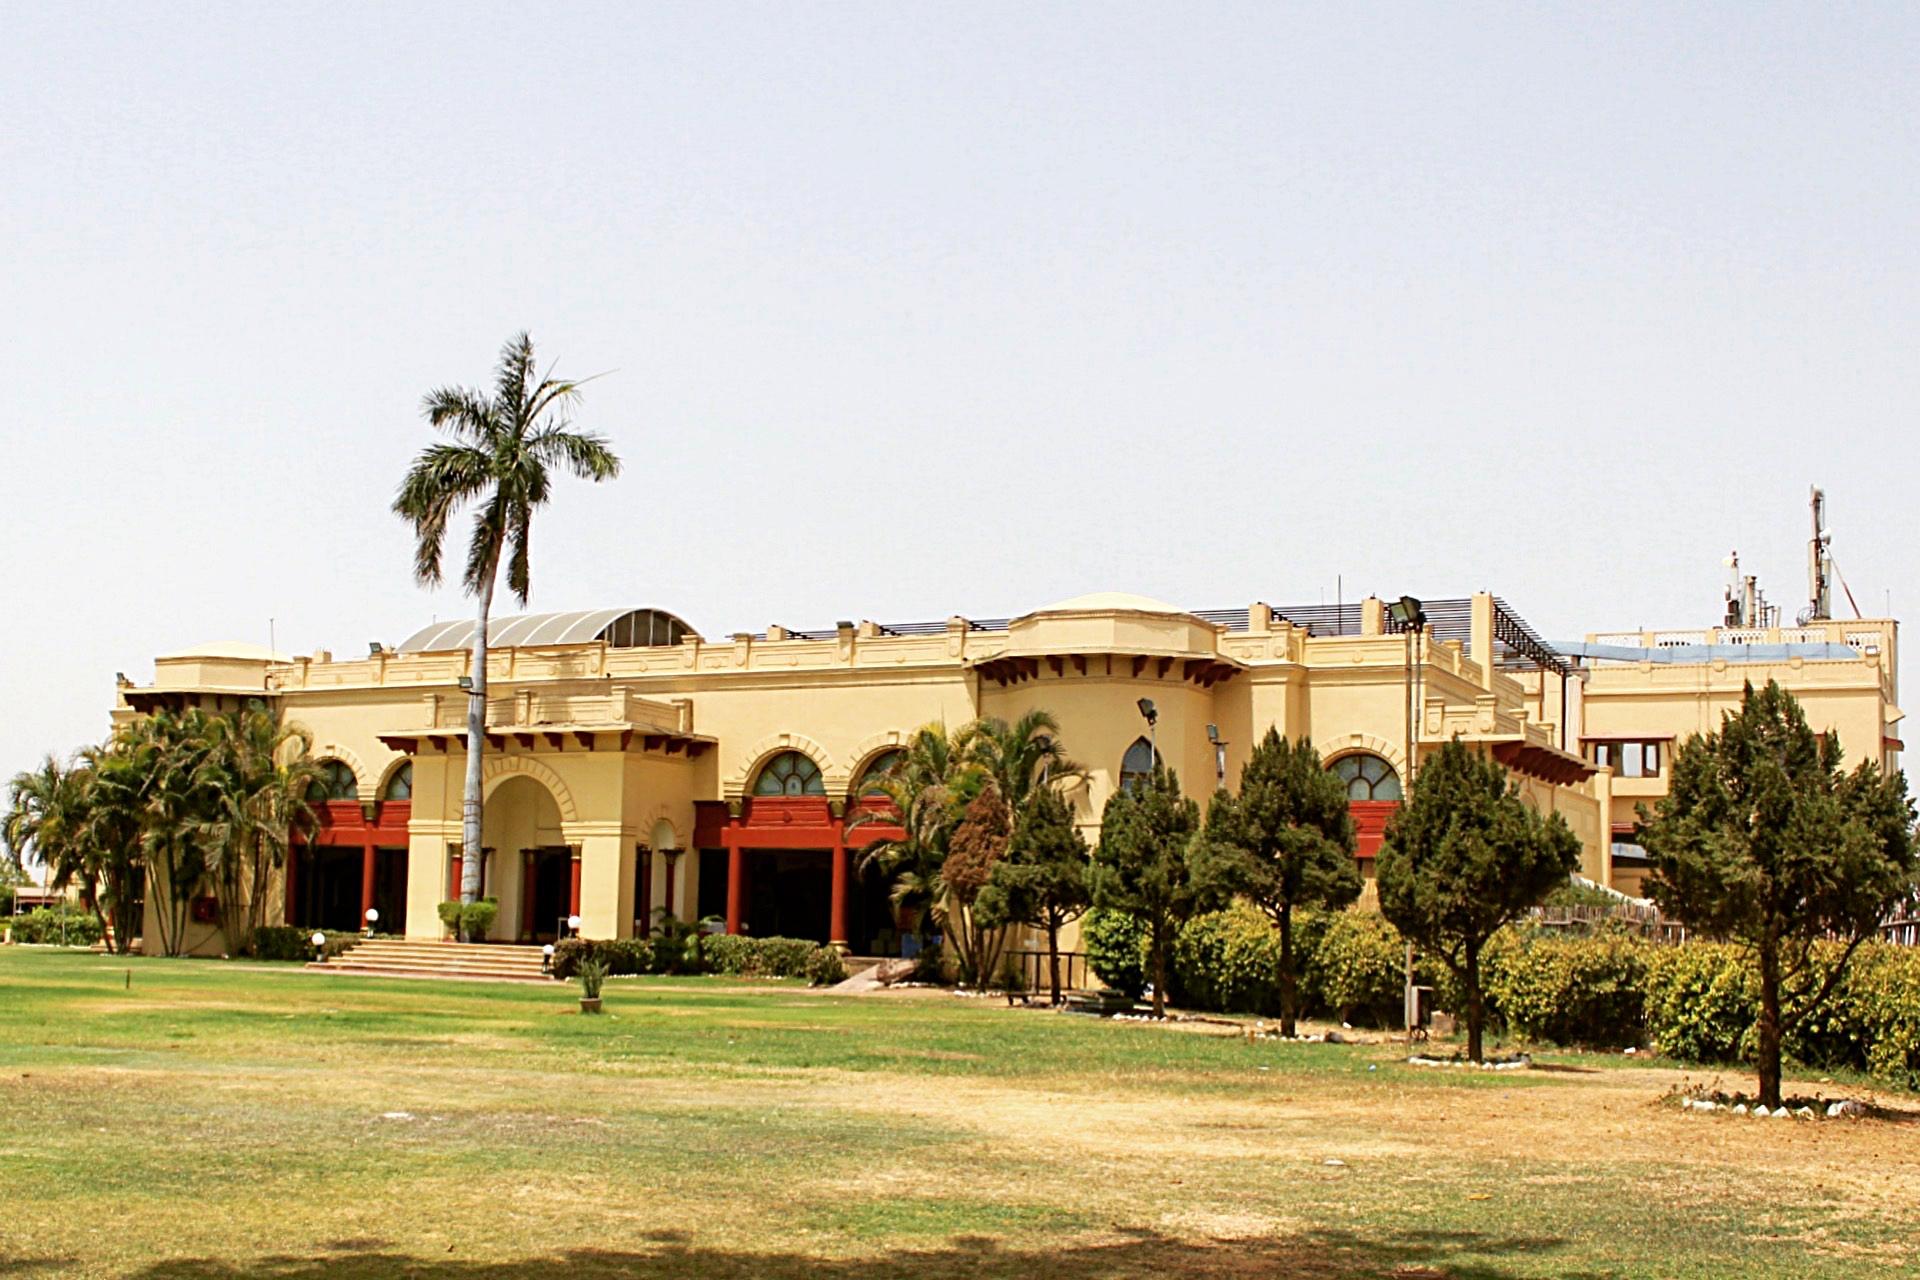 Noor-Us-Sabah Palace Bhopal